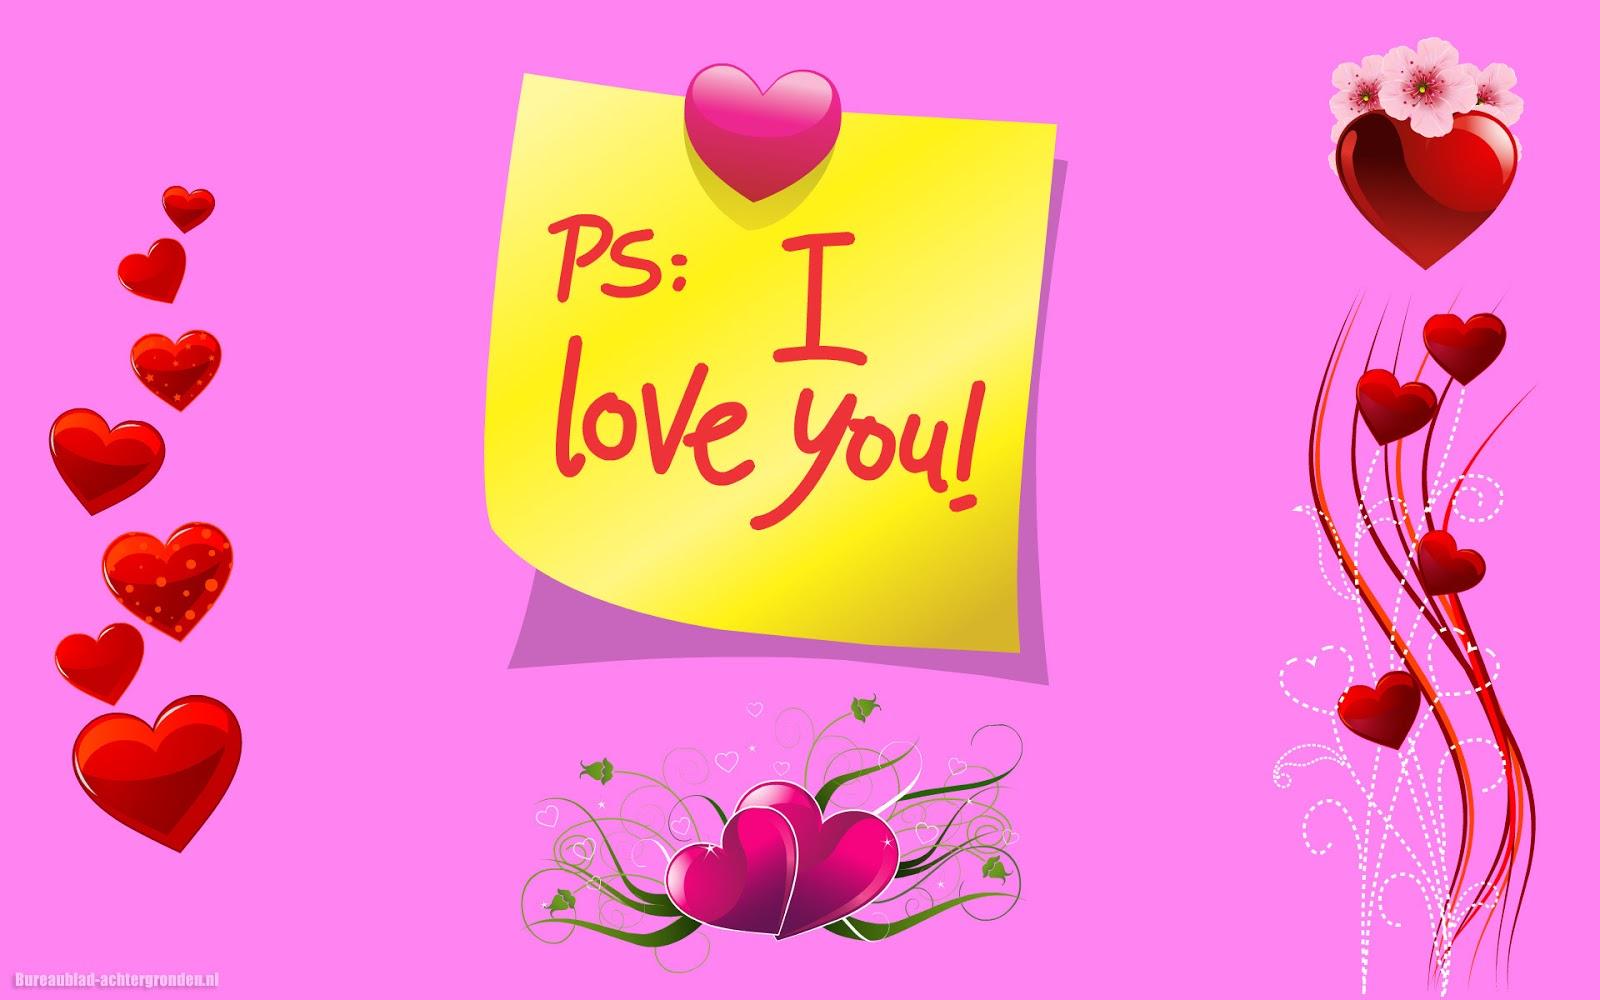 Roze liefdes wallpaper met hartjes en tekst i love you mooie leuke roze liefdes wallpaper met hartjes en tekst i love you voltagebd Choice Image